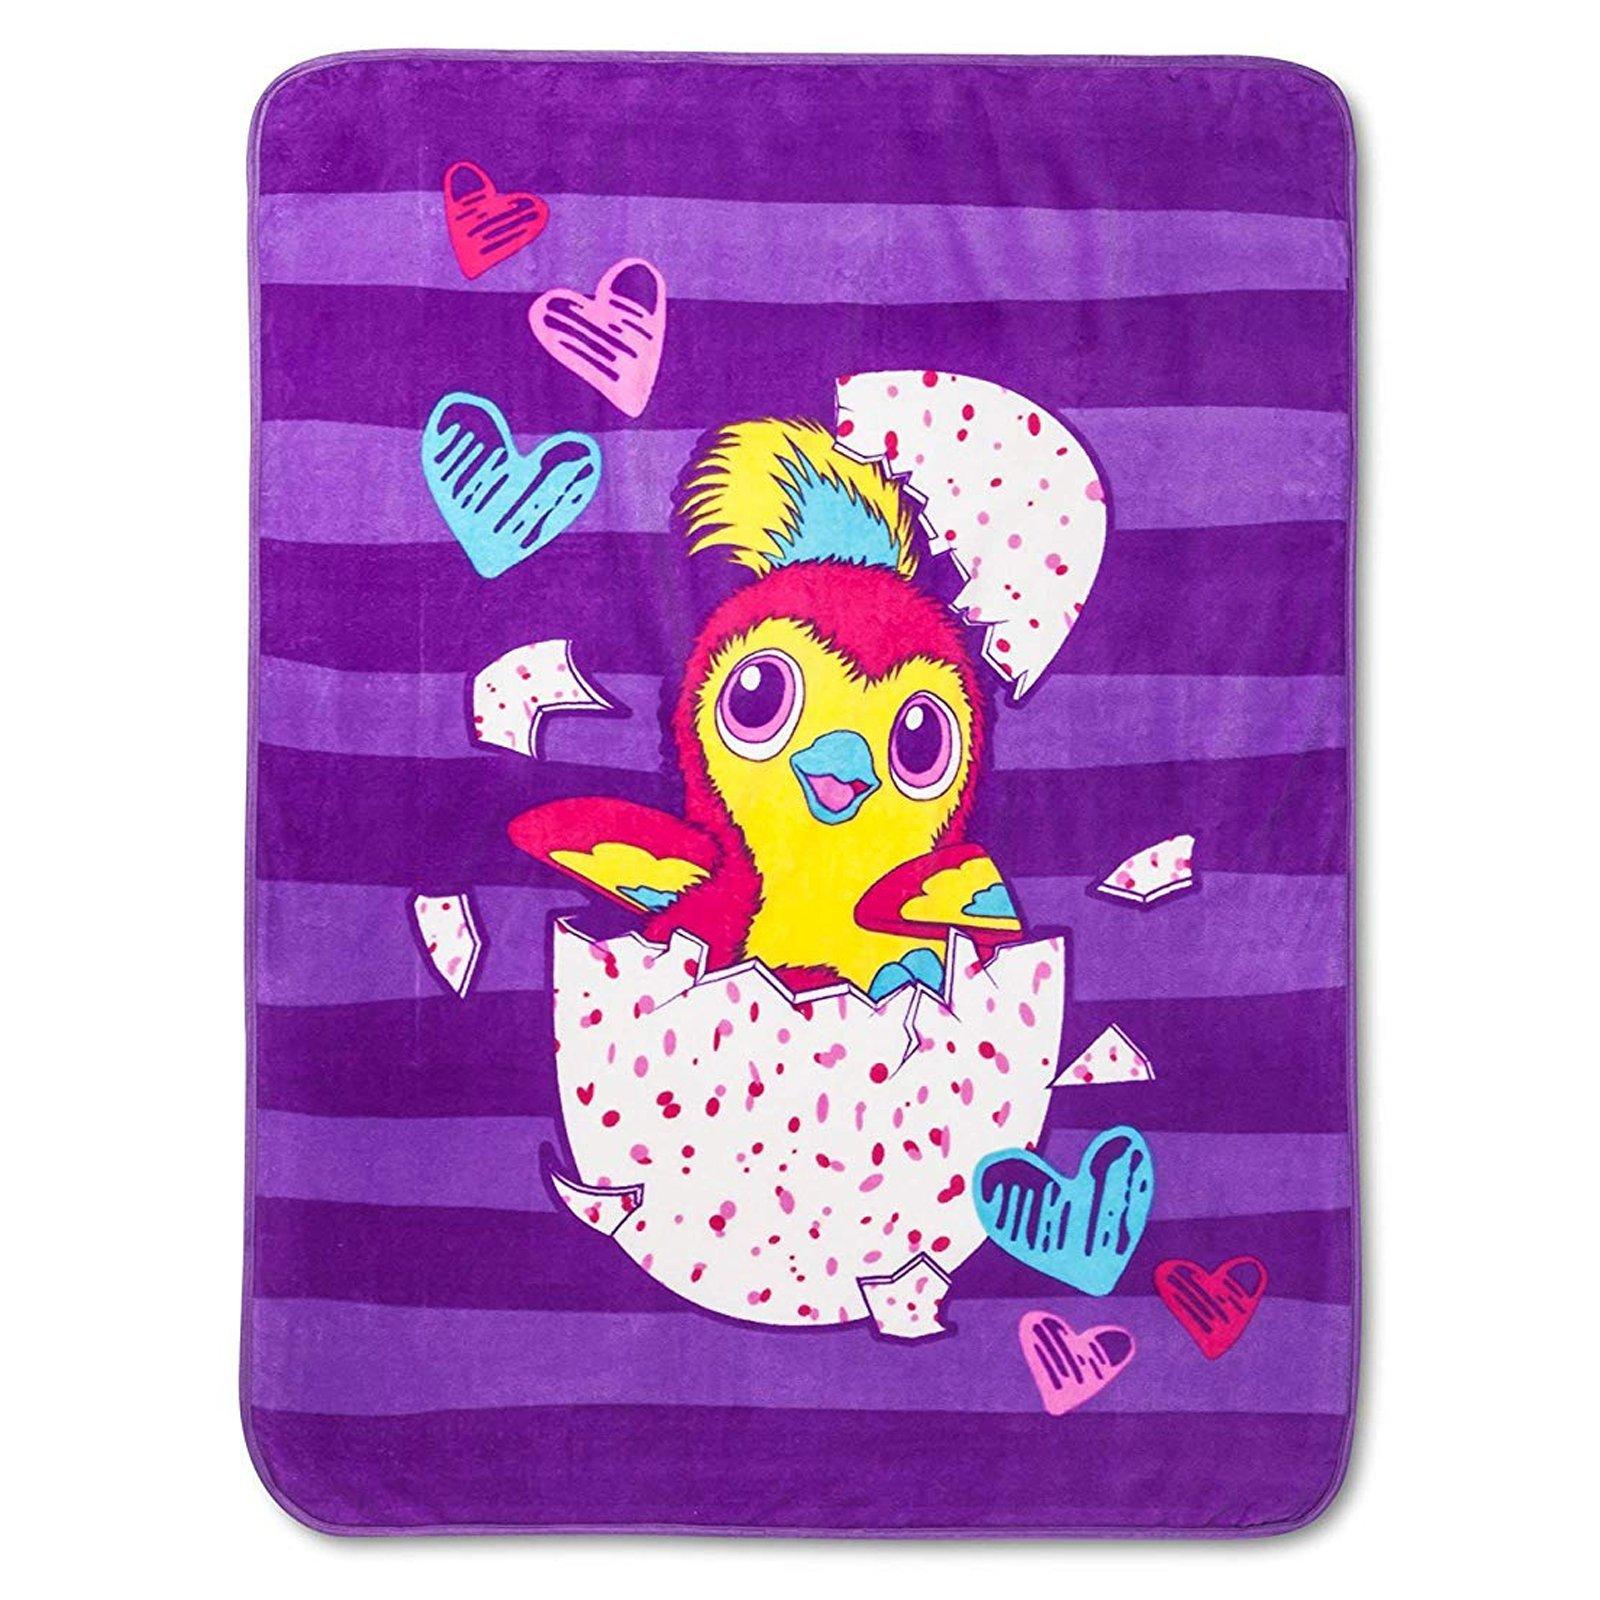 Licensed Hatchimals Kids Plush Throw Blanket 46 x 60 Inch Soft Home Decor Purple